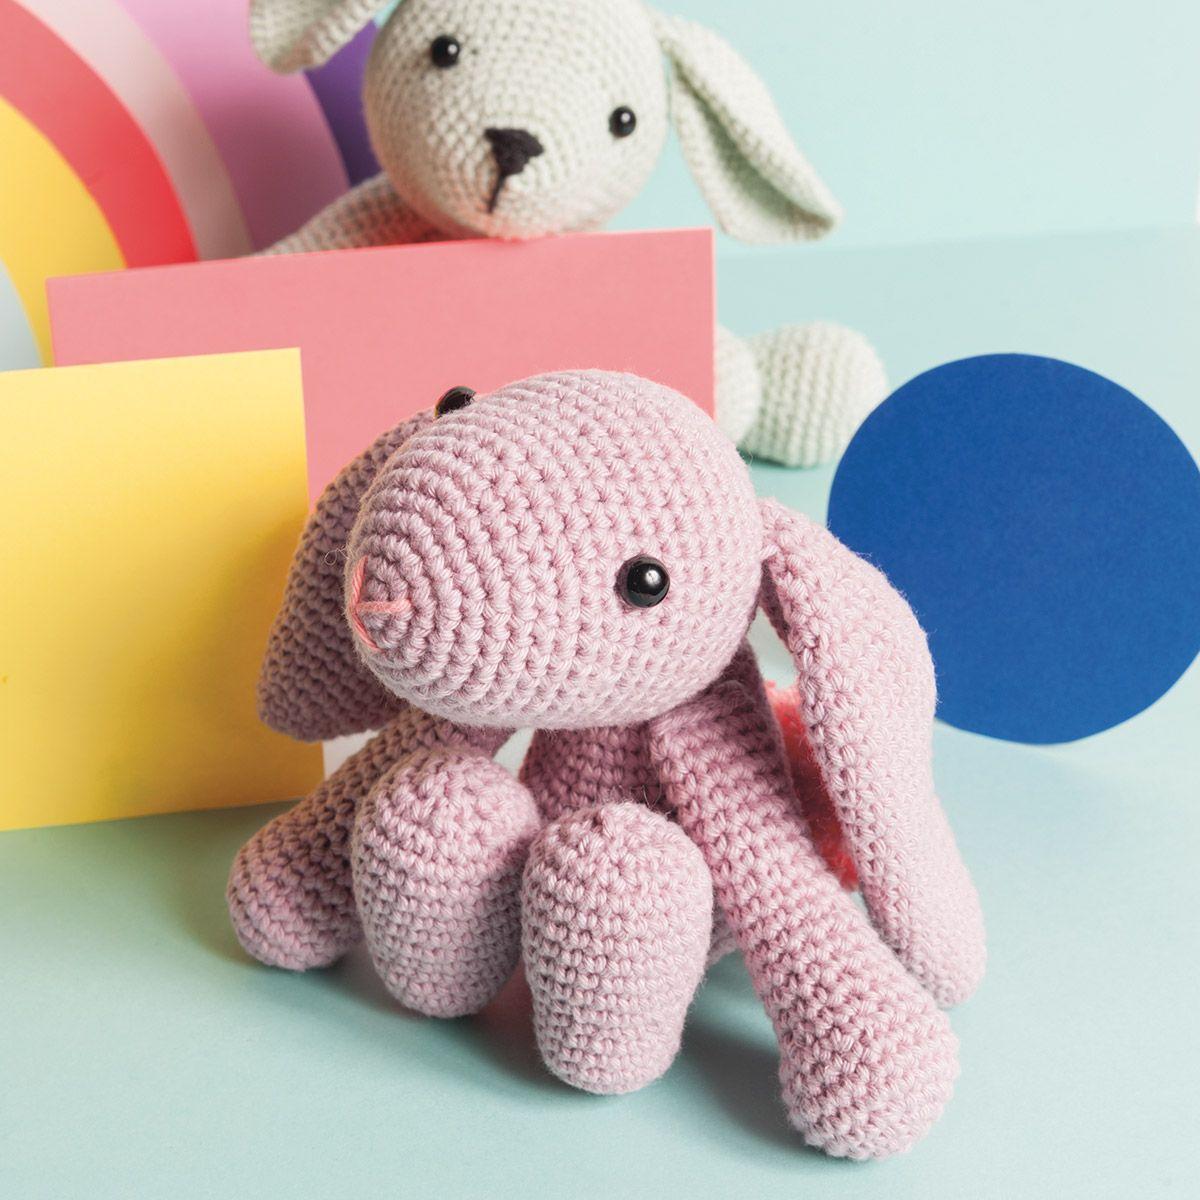 Kit crochet amigurumi - Lapin II